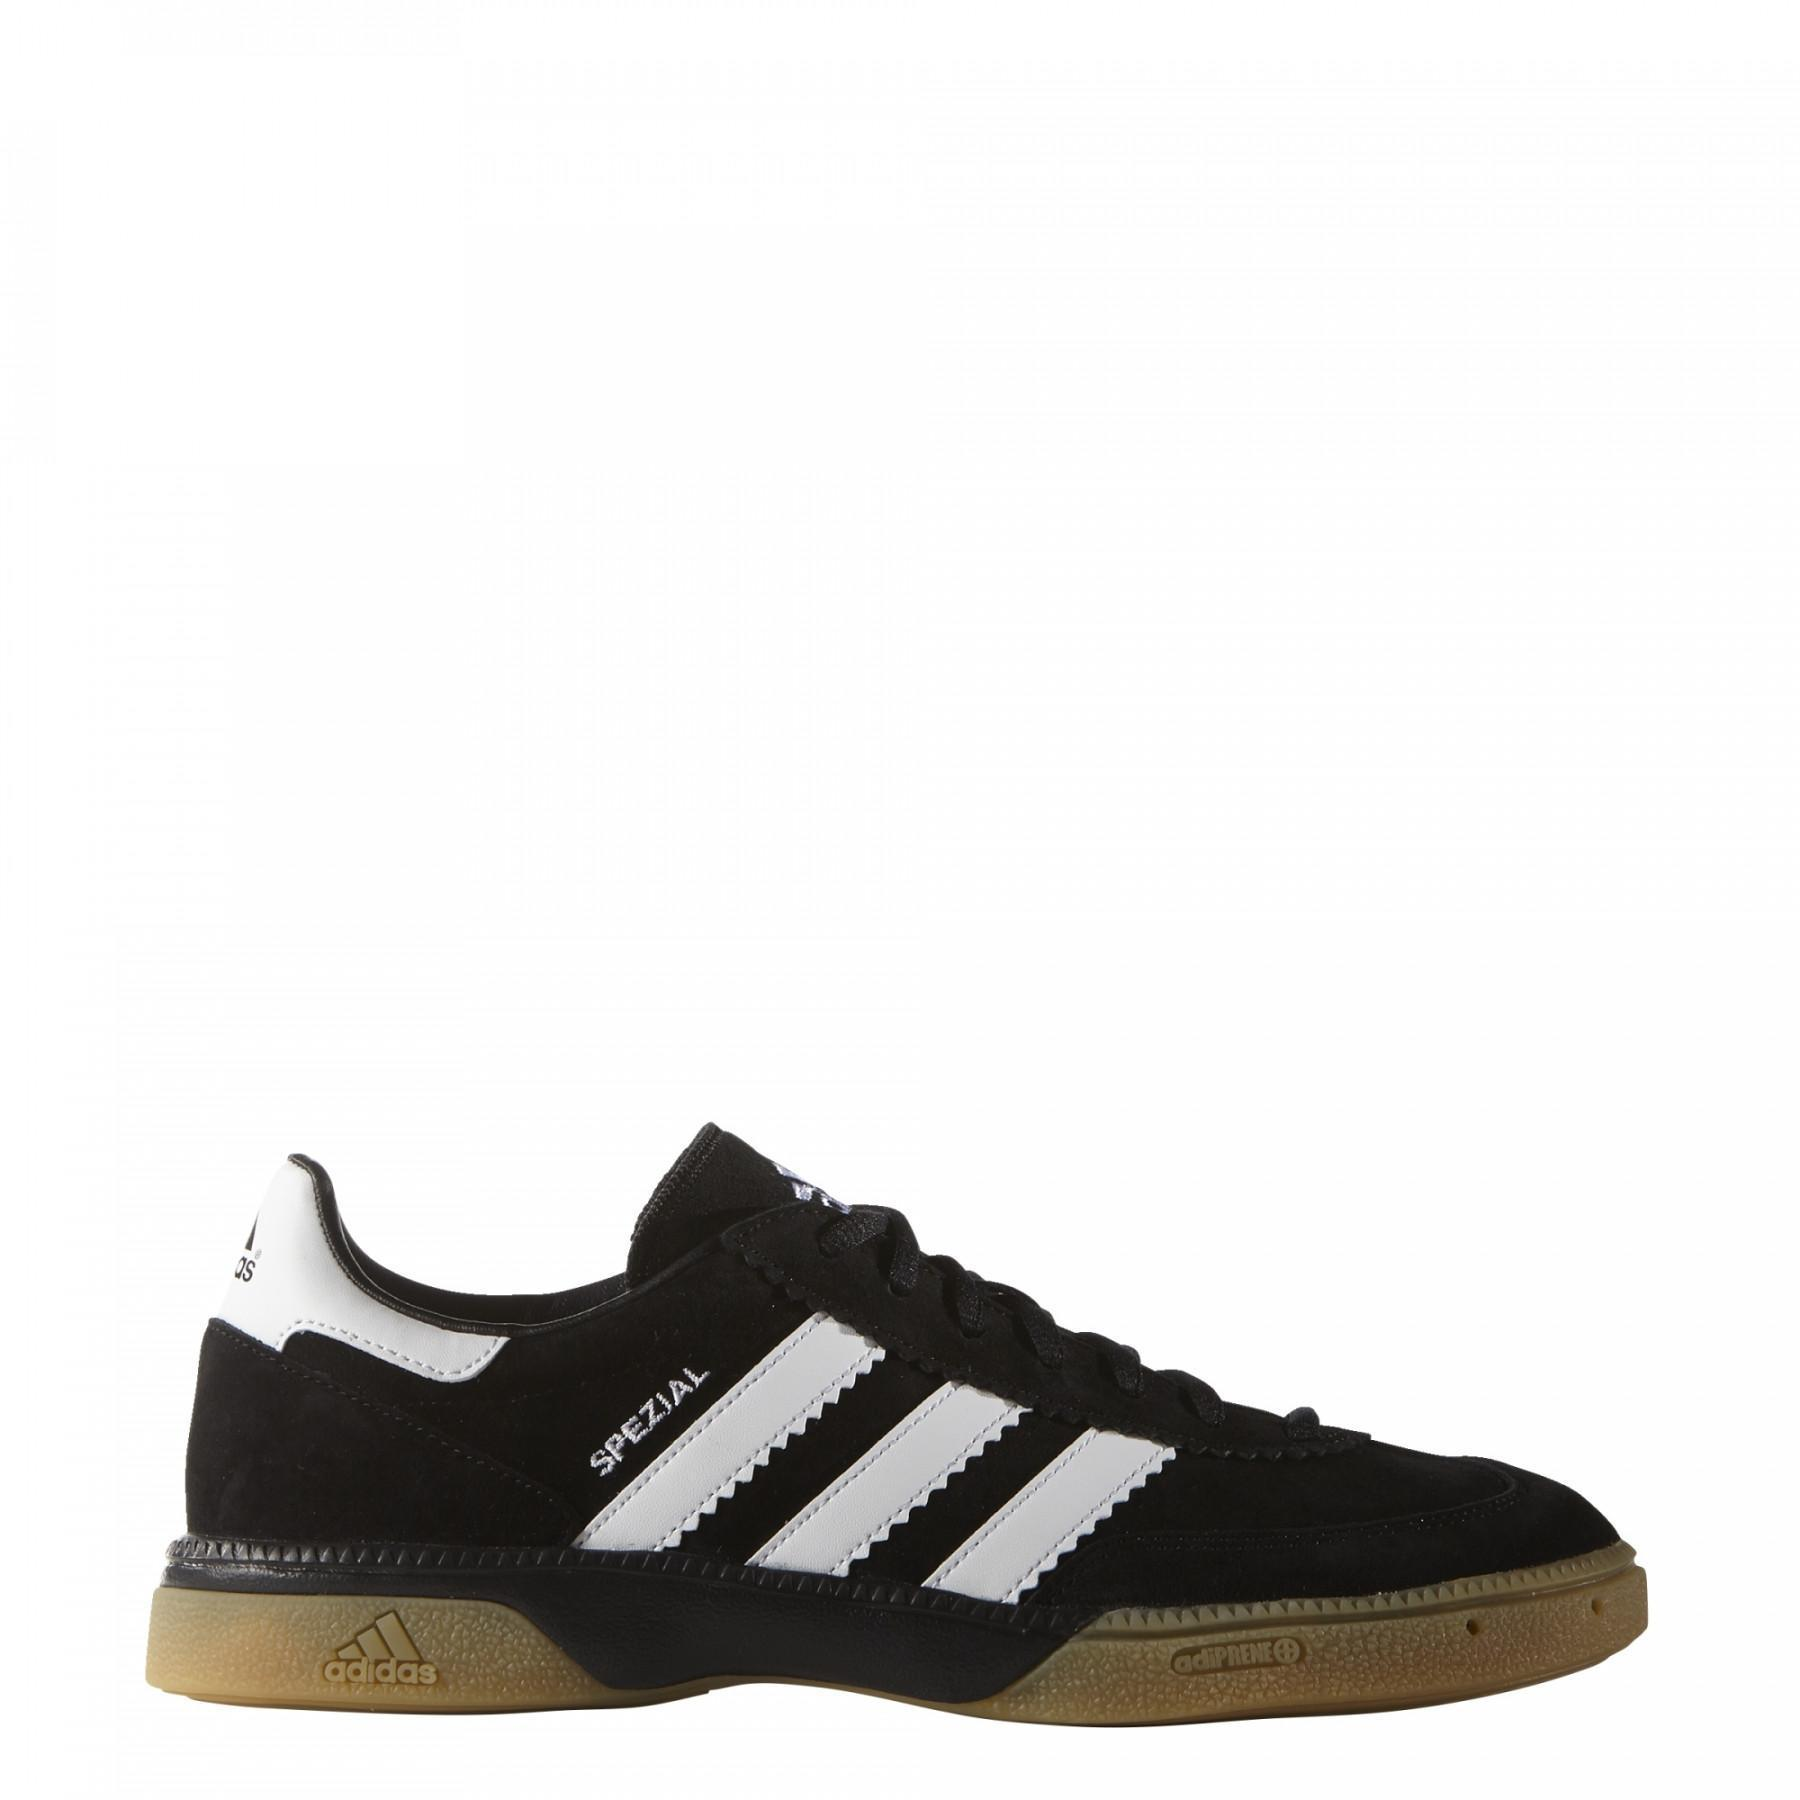 Shoes adidas HB Spezial Noir